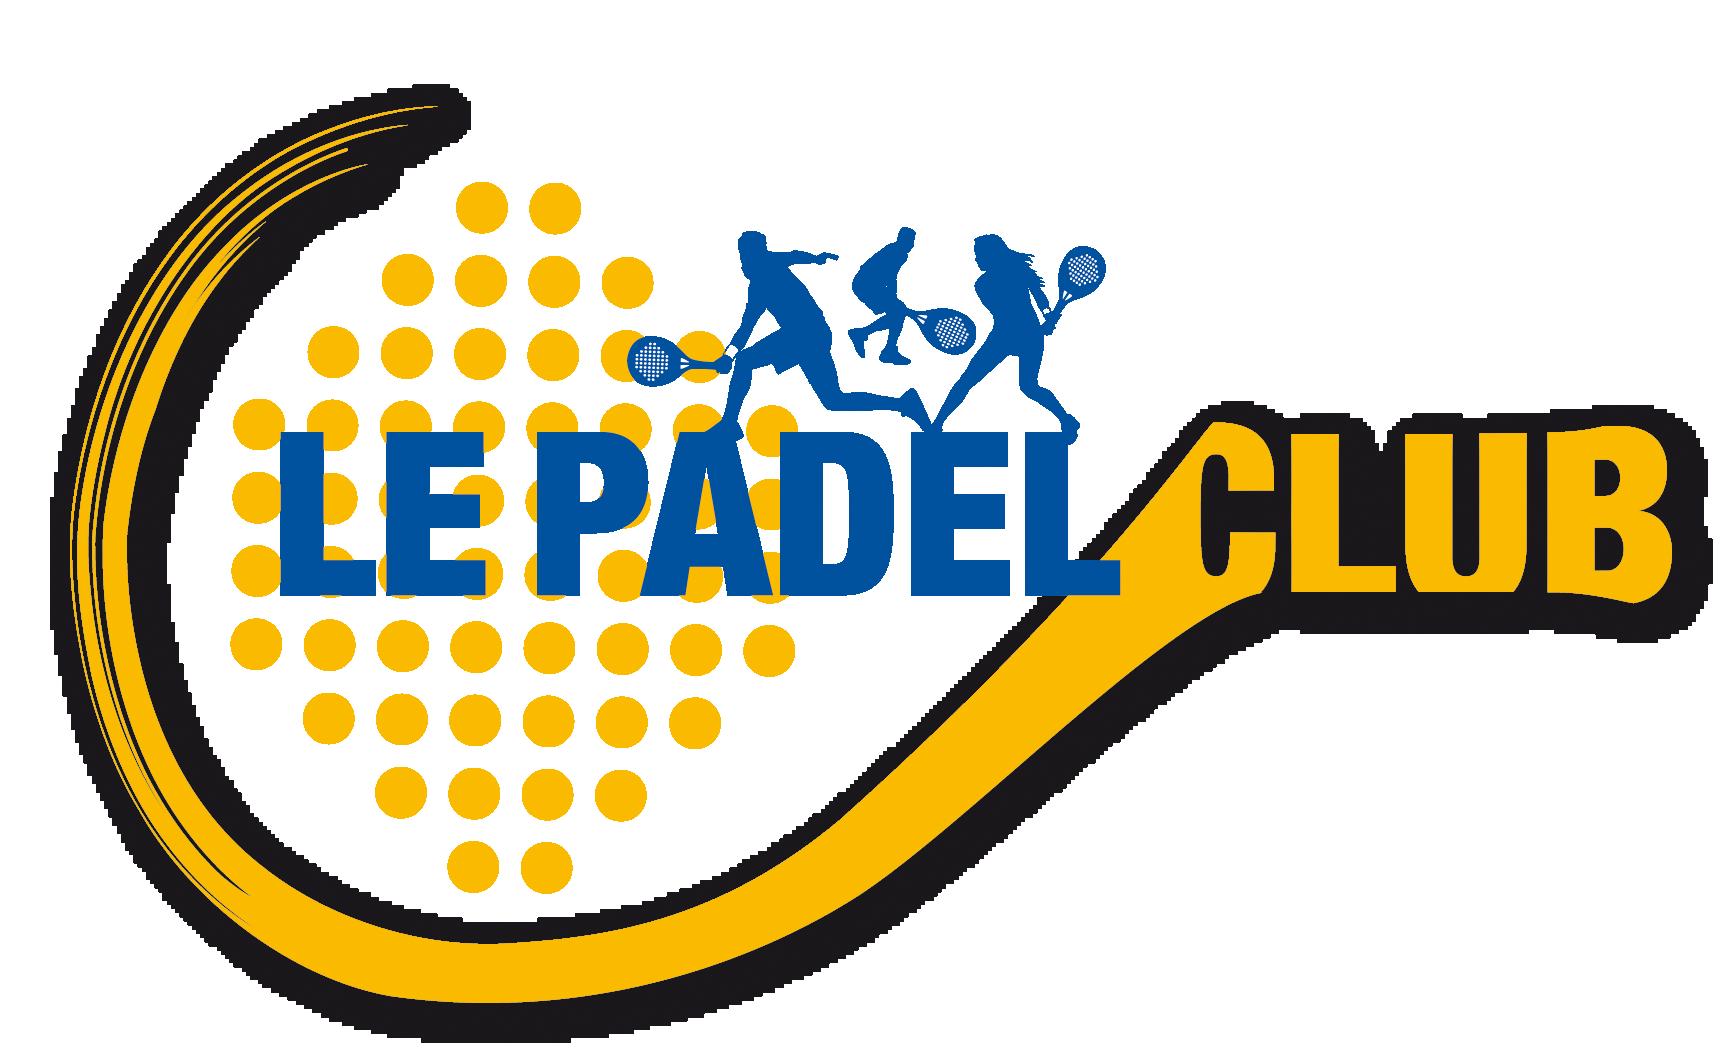 Logo-The-Paddle Club-bez-substancji